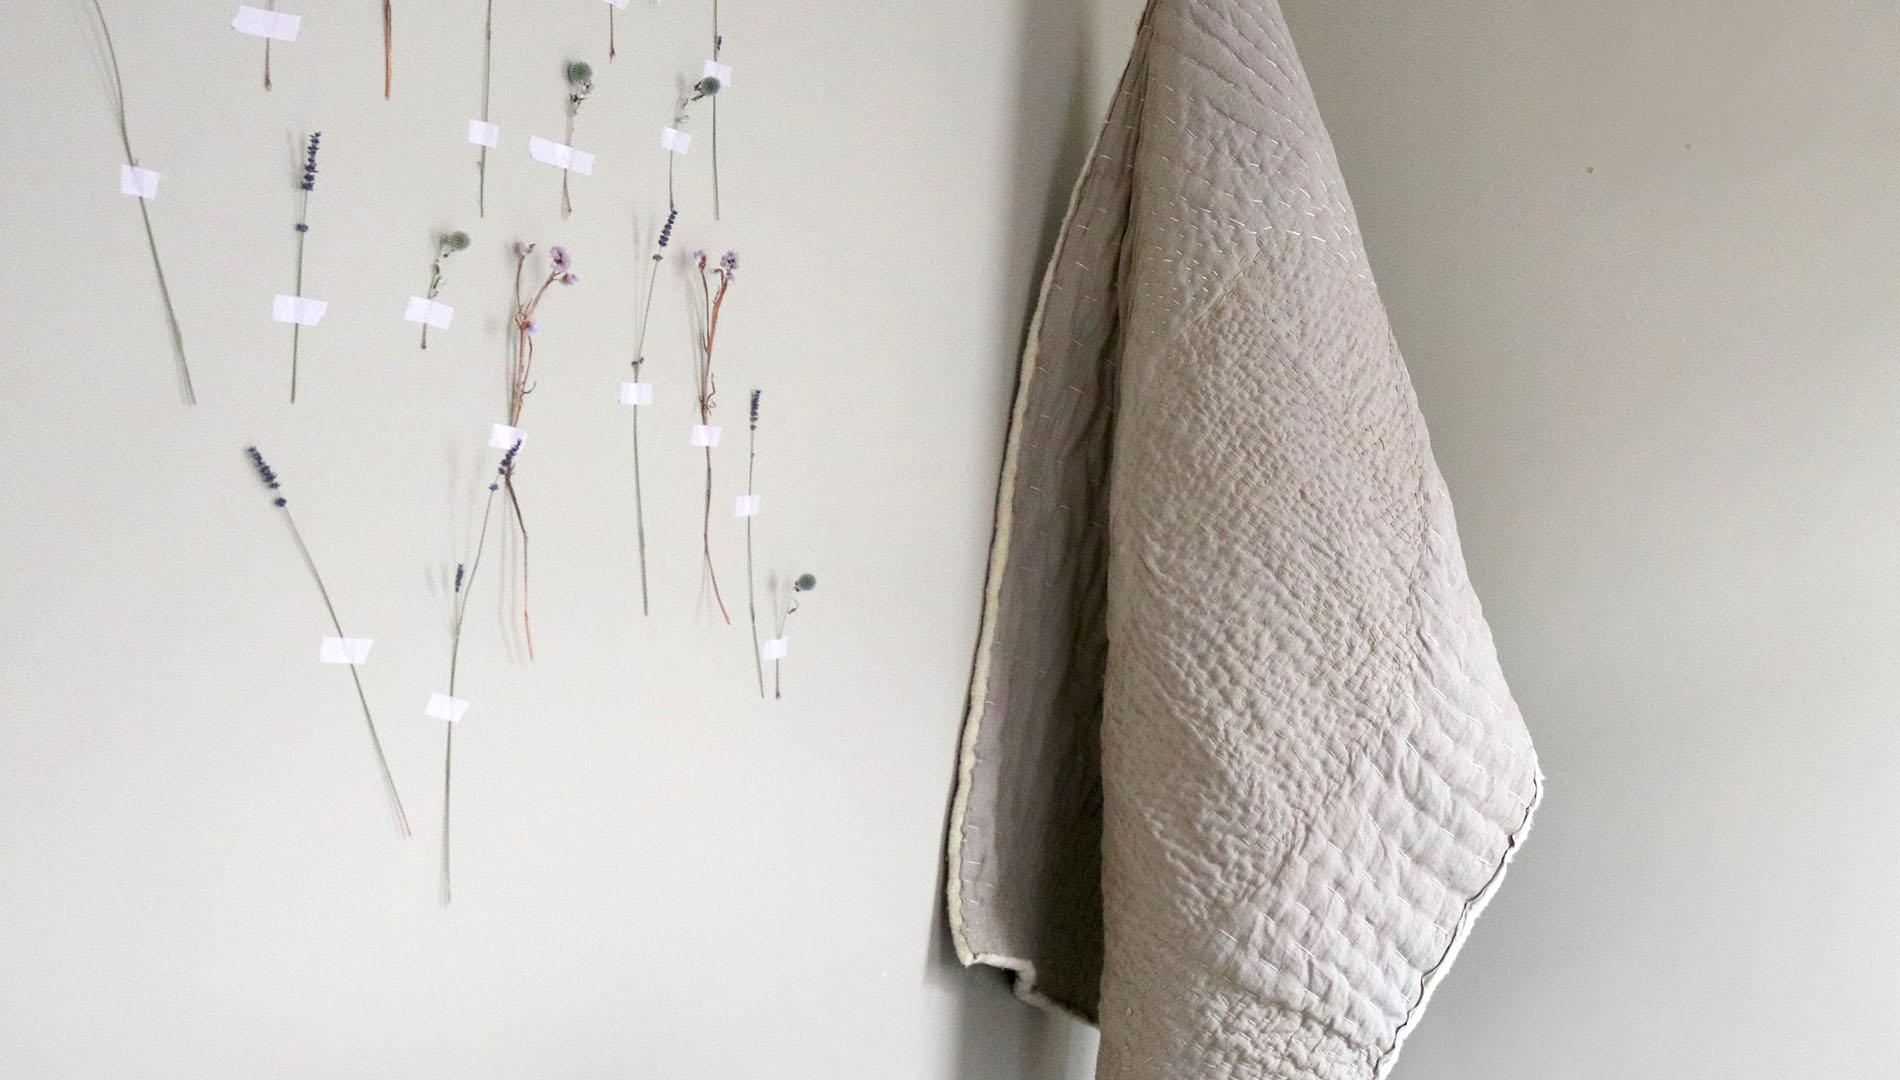 Colchas y tejidos realizados en materiales naturales, alternativa a la ropa de plástico.